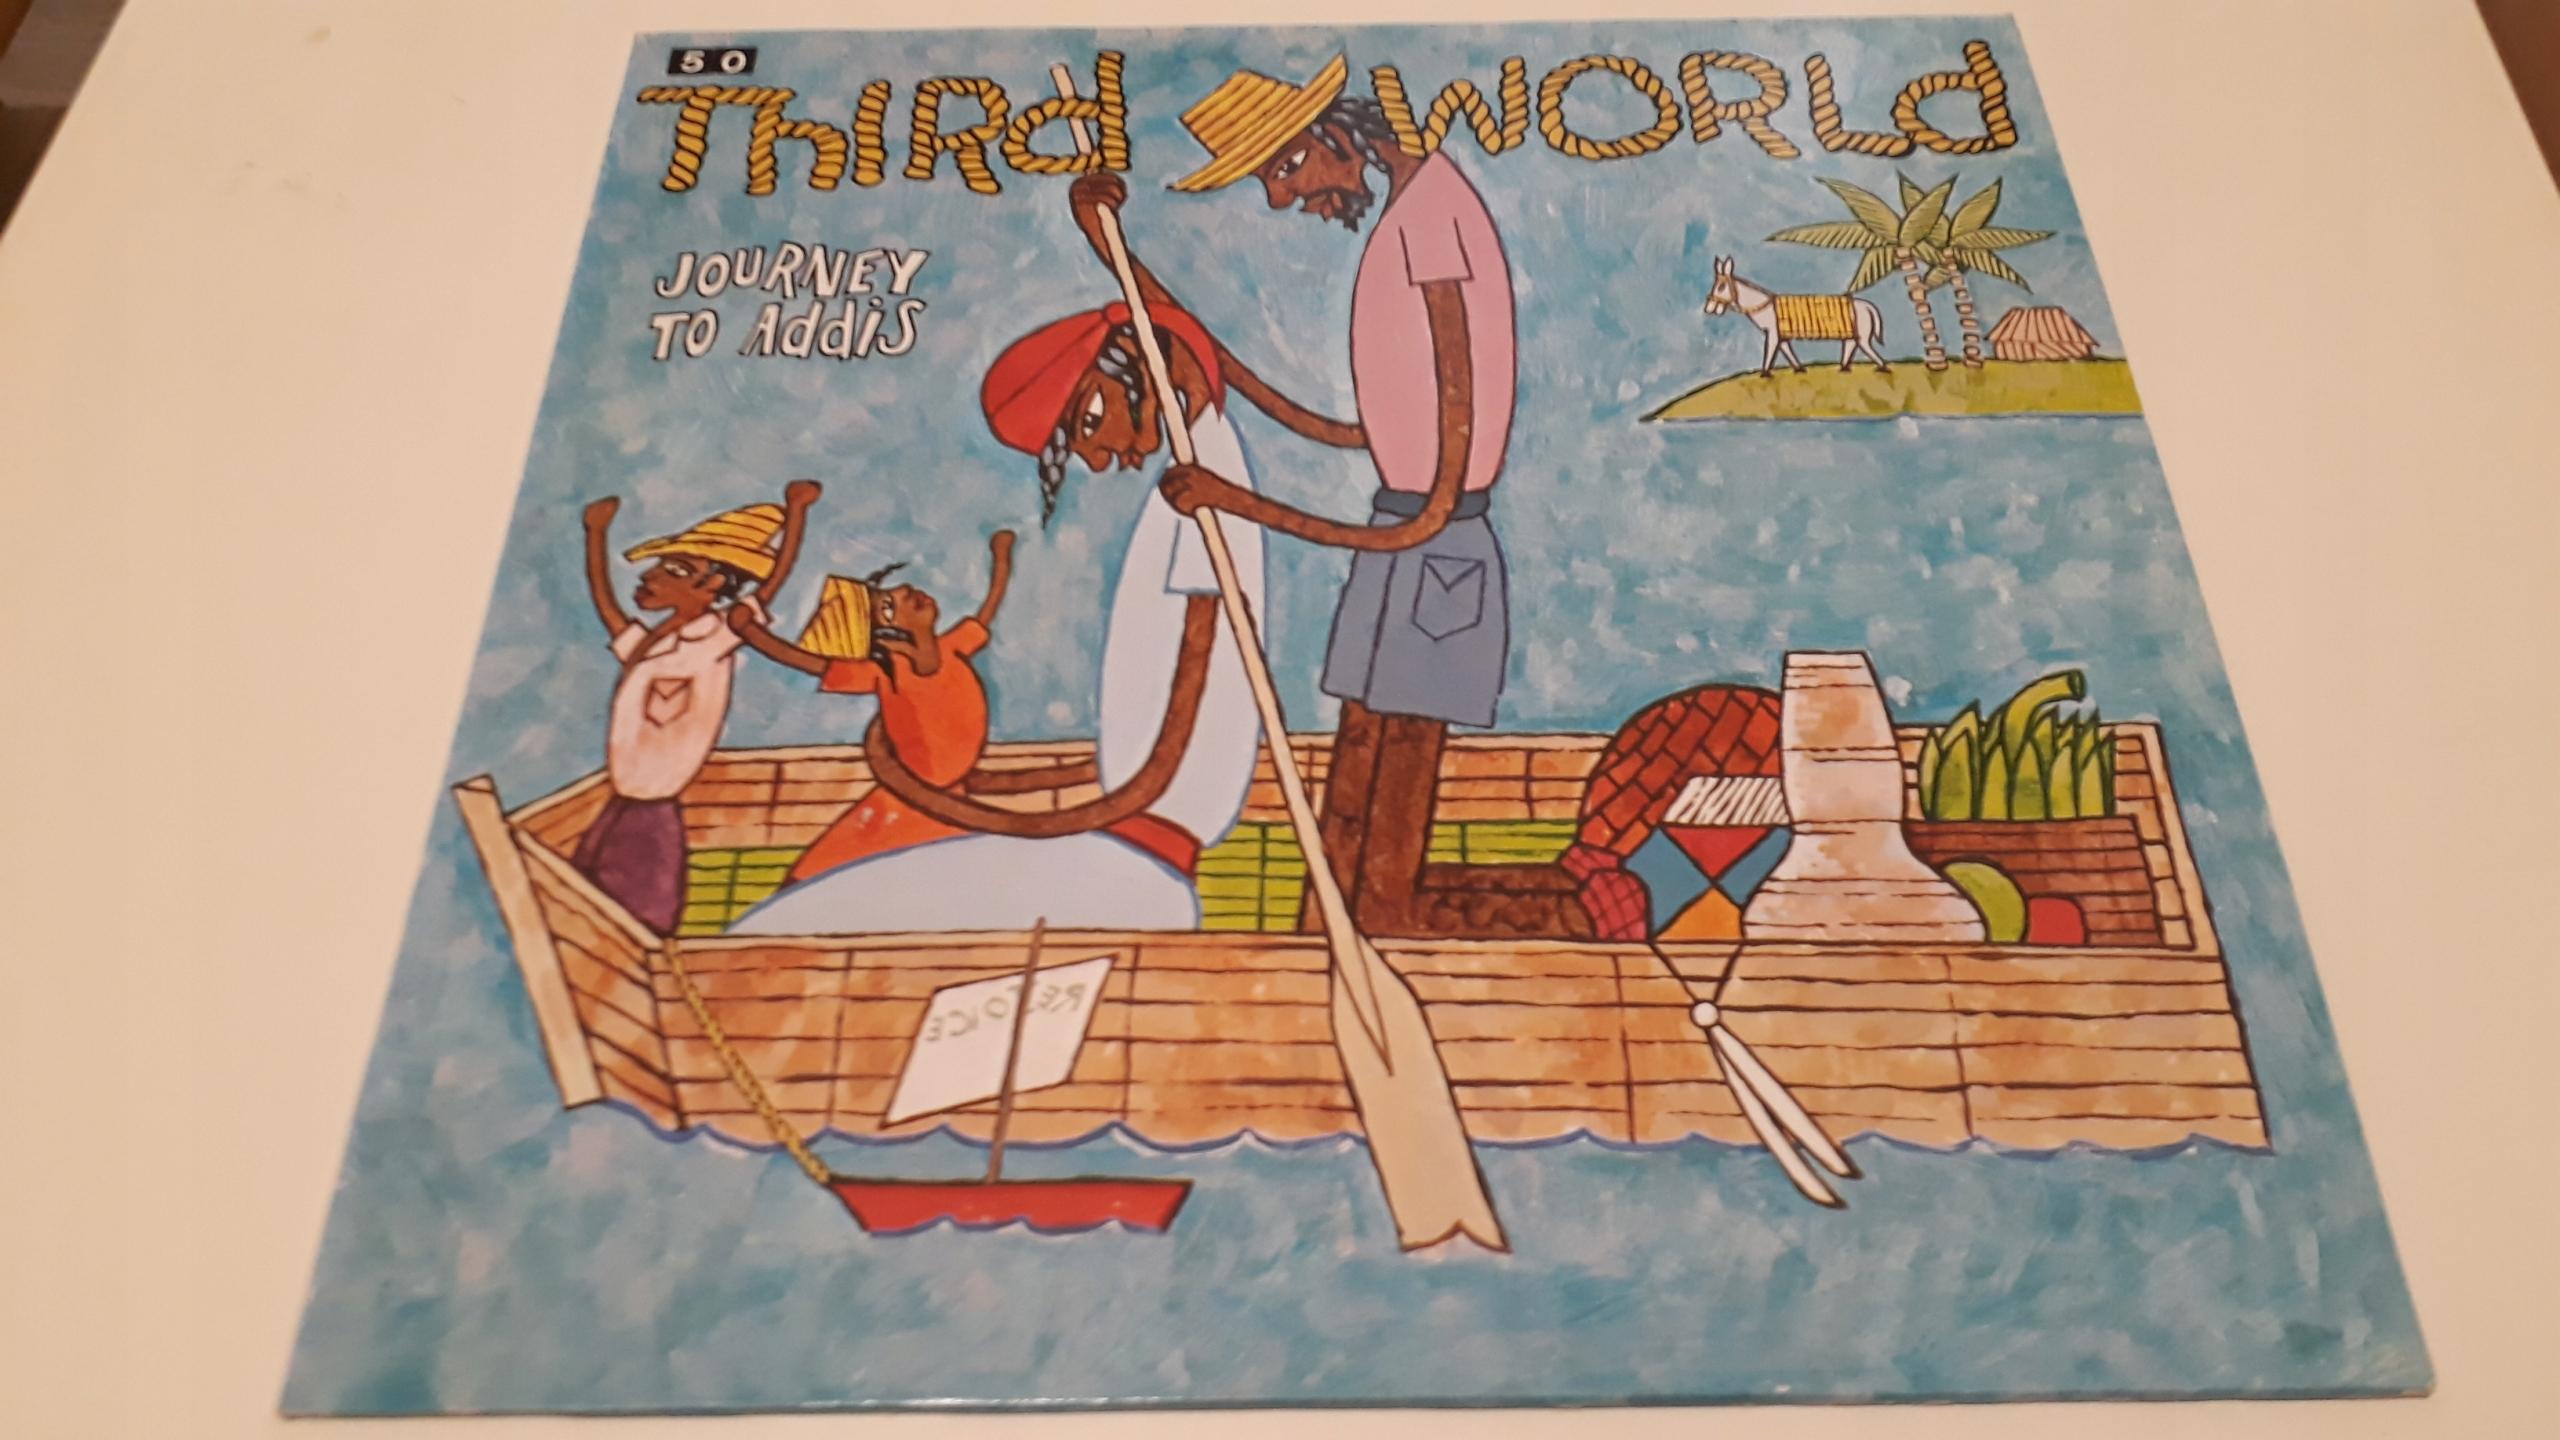 THIRD WORLD - JOURNEY TO ADDIS - LP 1637